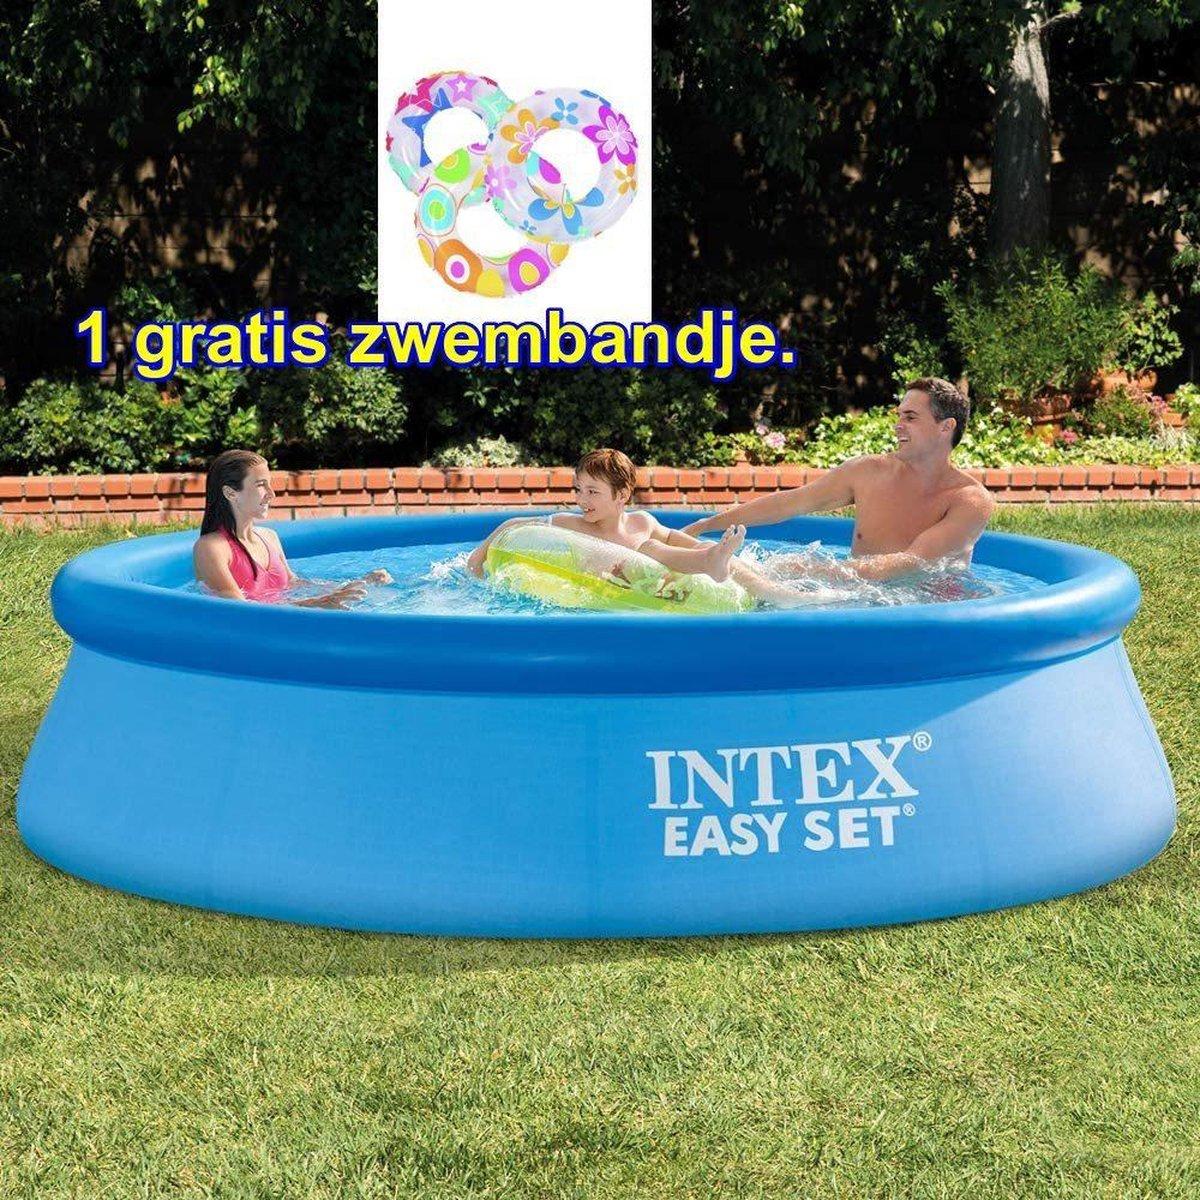 Pool - 305 x 76 cm. zwembad rond excl filterpomp. INCL GRATIS ZWEMBAND. Veel zwemplezier.